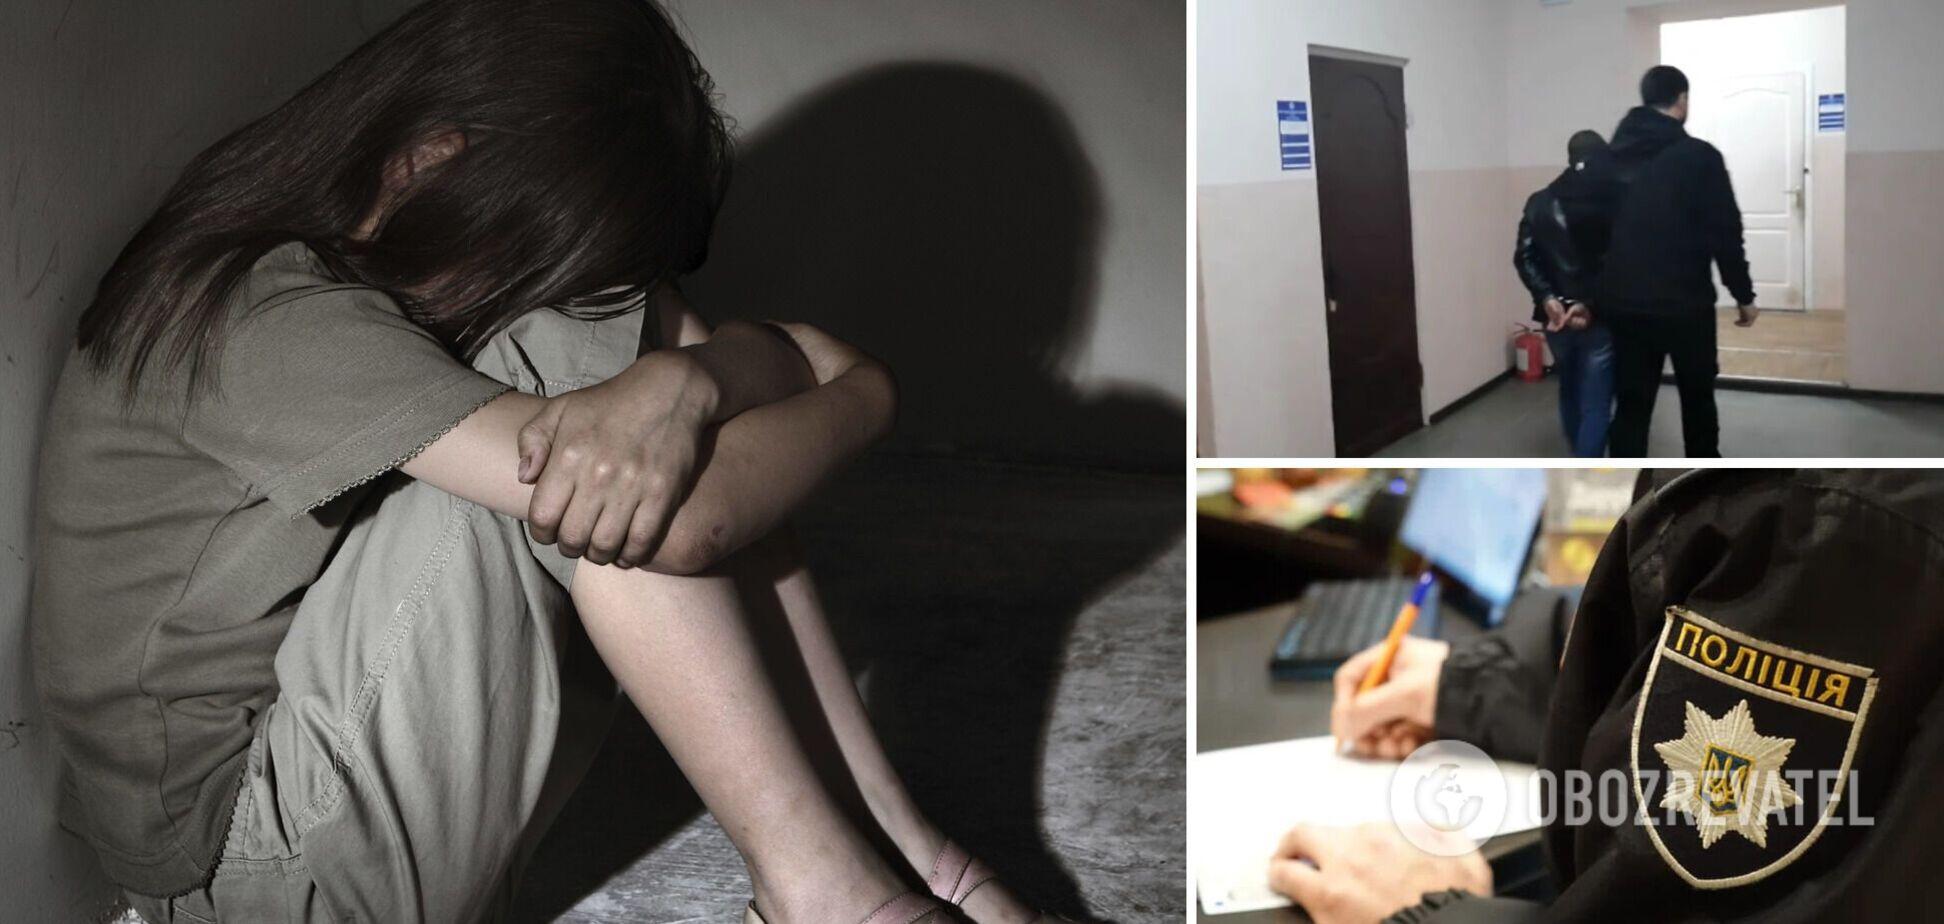 На Одещині поліцейські затримали чоловіка, який ґвалтував свою 7-річну падчерку. Відео